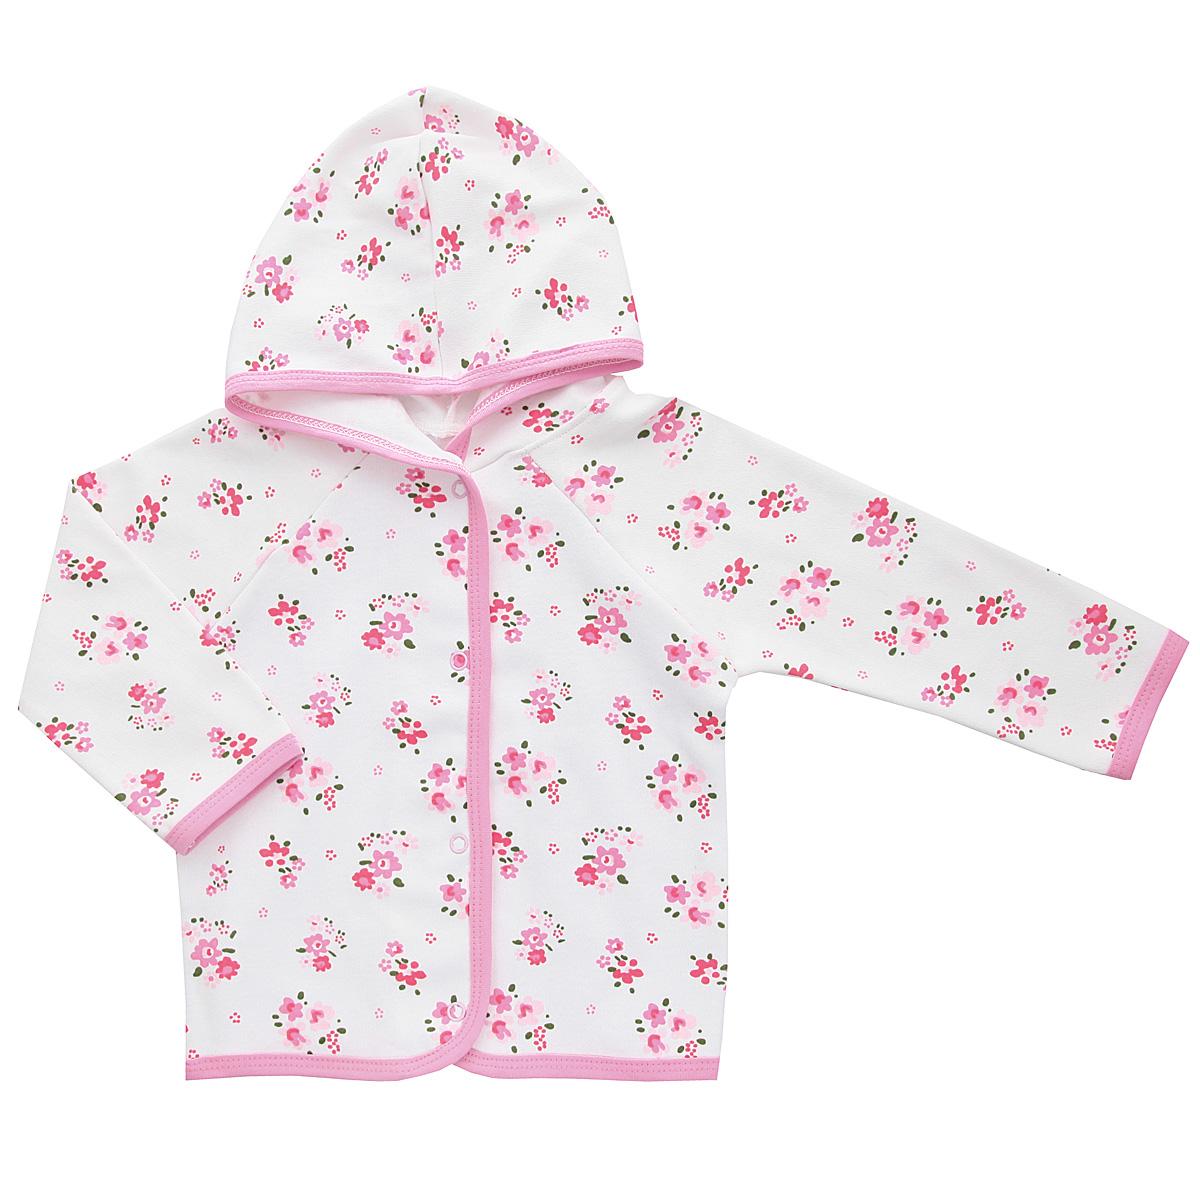 Кофточка для девочки Трон-плюс, цвет: белый, розовый. 5162_цветы. Размер 68, 6 месяцев5162_цветыУдобная кофточка для девочки Трон-плюс послужит идеальным дополнением к гардеробу вашей малышки, обеспечивая ему наибольший комфорт. Изготовленная из интерлока - натурального хлопка, она необычайно мягкая и легкая, не раздражает нежную кожу ребенка и хорошо вентилируется, а эластичные швы приятны телу ребенка и не препятствуют его движениям. Кофточка с капюшоном и длинными рукавами-реглан застегивается спереди на удобные застежки-кнопки, что помогает с легкостью переодеть ребенка. Окантовка капюшона, низ рукавов, планка и низ модели дополнены контрастной трикотажной бейкой. Оформлено изделие цветочным принтом. Кофточка полностью соответствует особенностям жизни ребенка в ранний период, не стесняя и не ограничивая его в движениях.